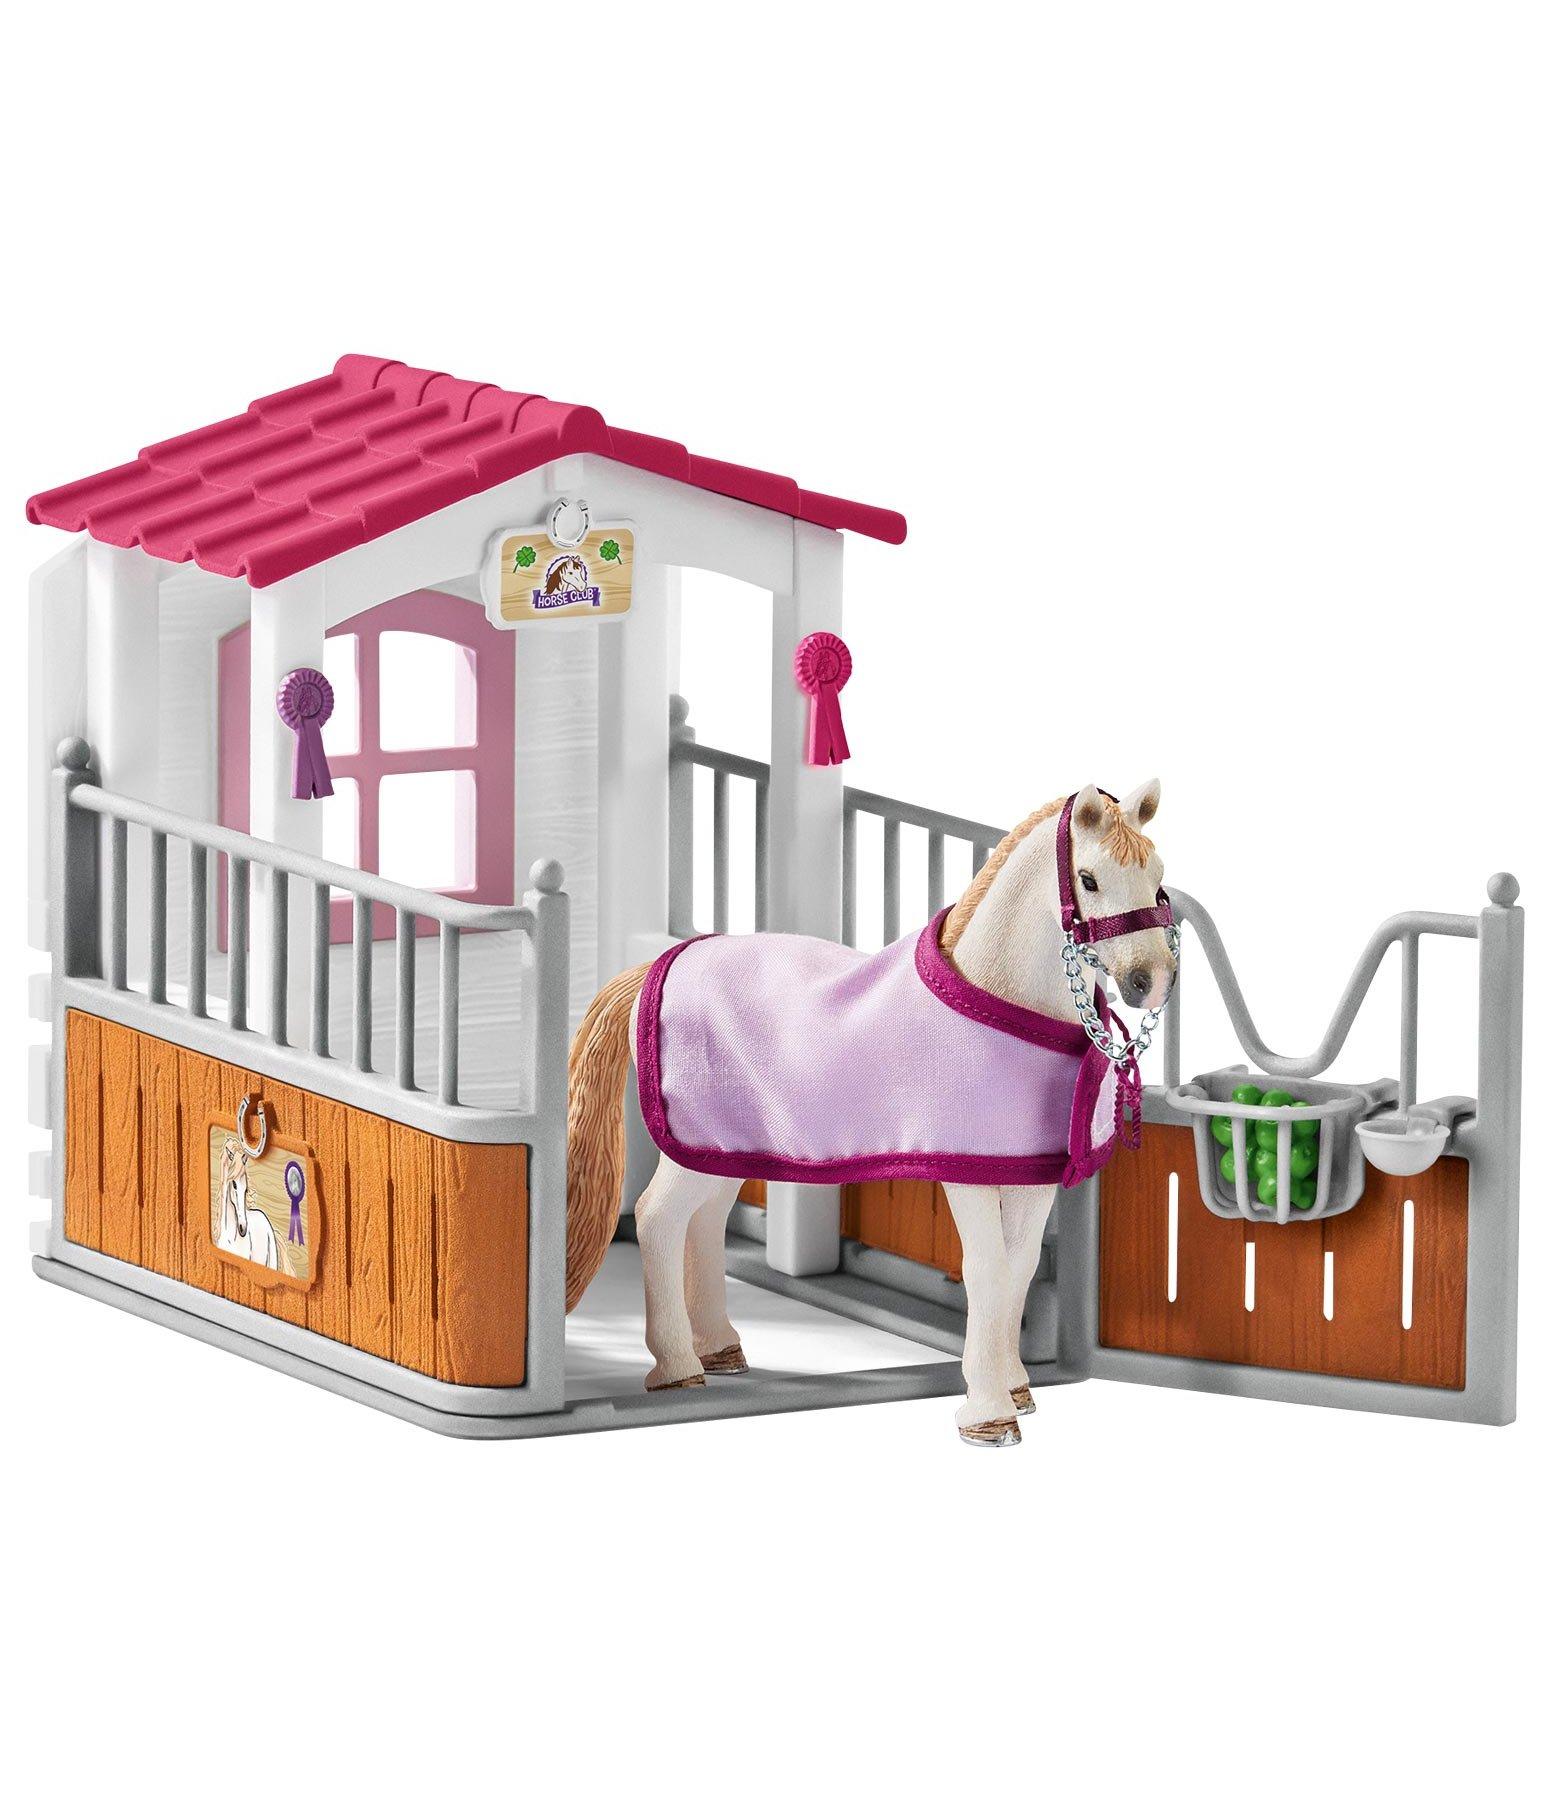 Schleich Pferde Spielfiguren Für Pferdefans Krämer Pferdesport